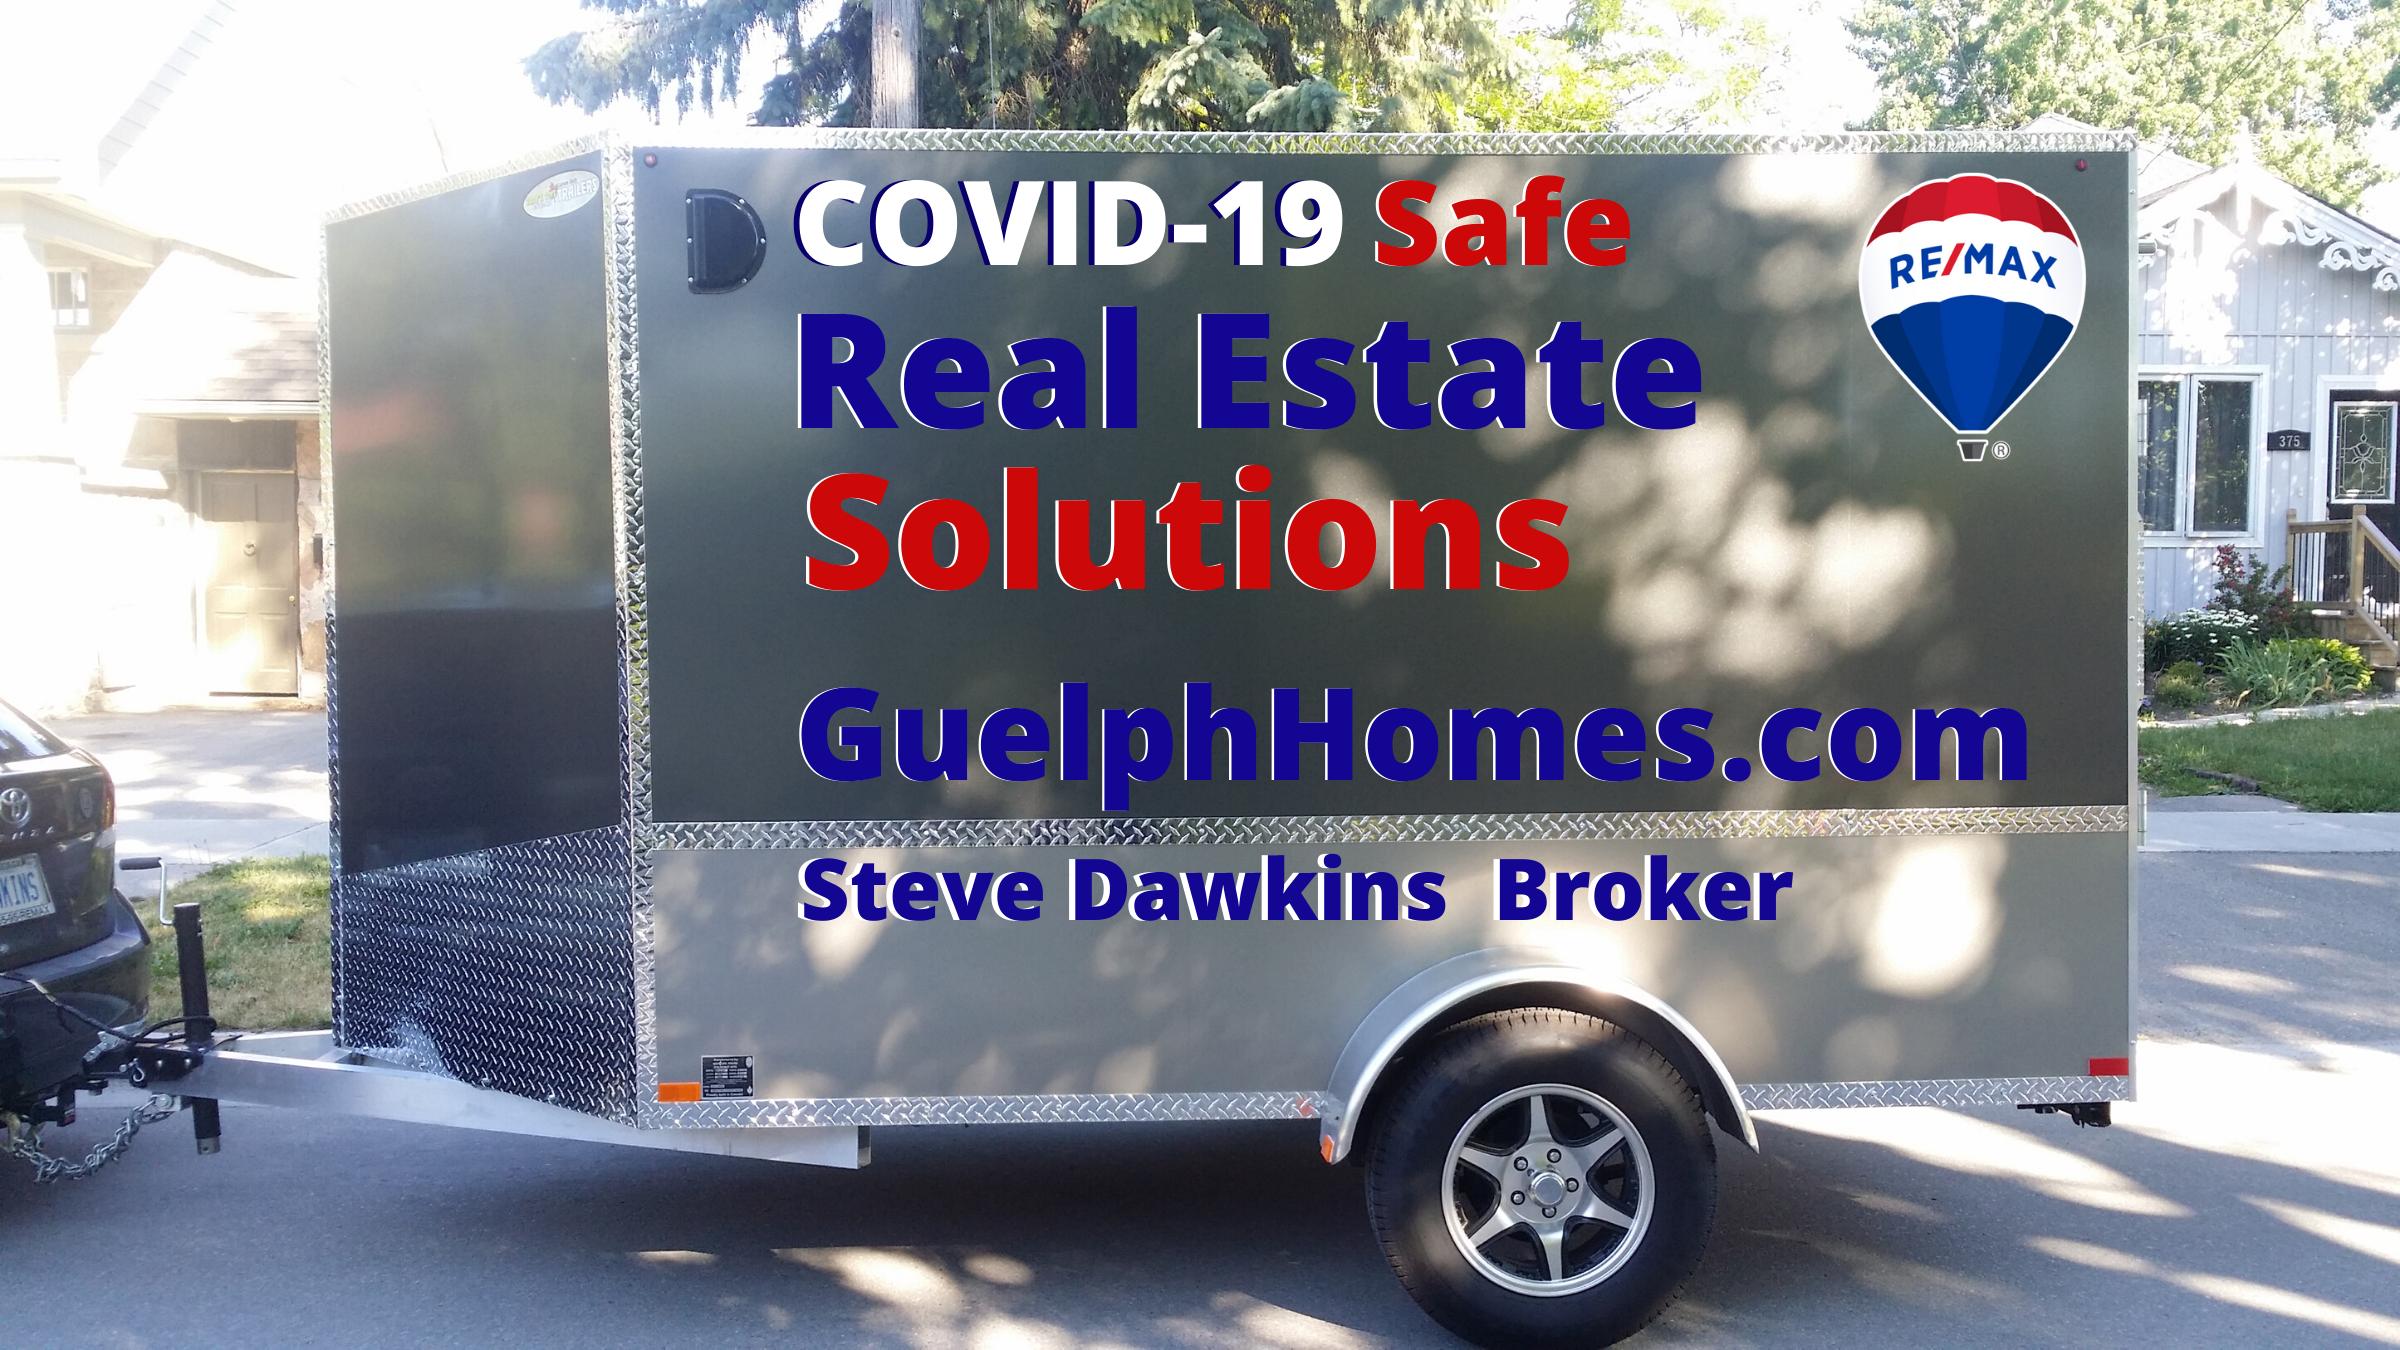 Steve Dawkins COVID-19 Safe Real Estate Solutions trailer